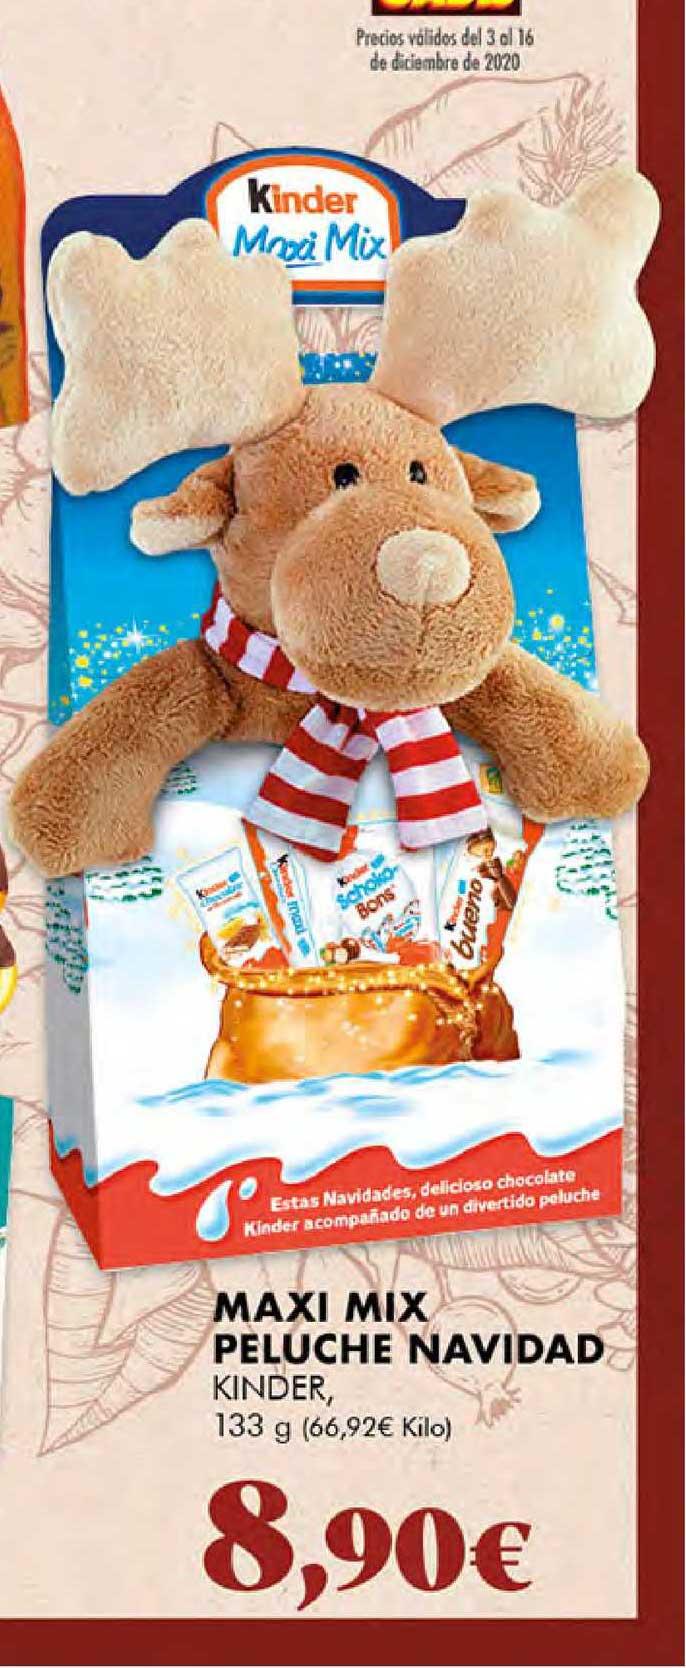 Gadis Maxi Mix Peluche Navidad Kinder